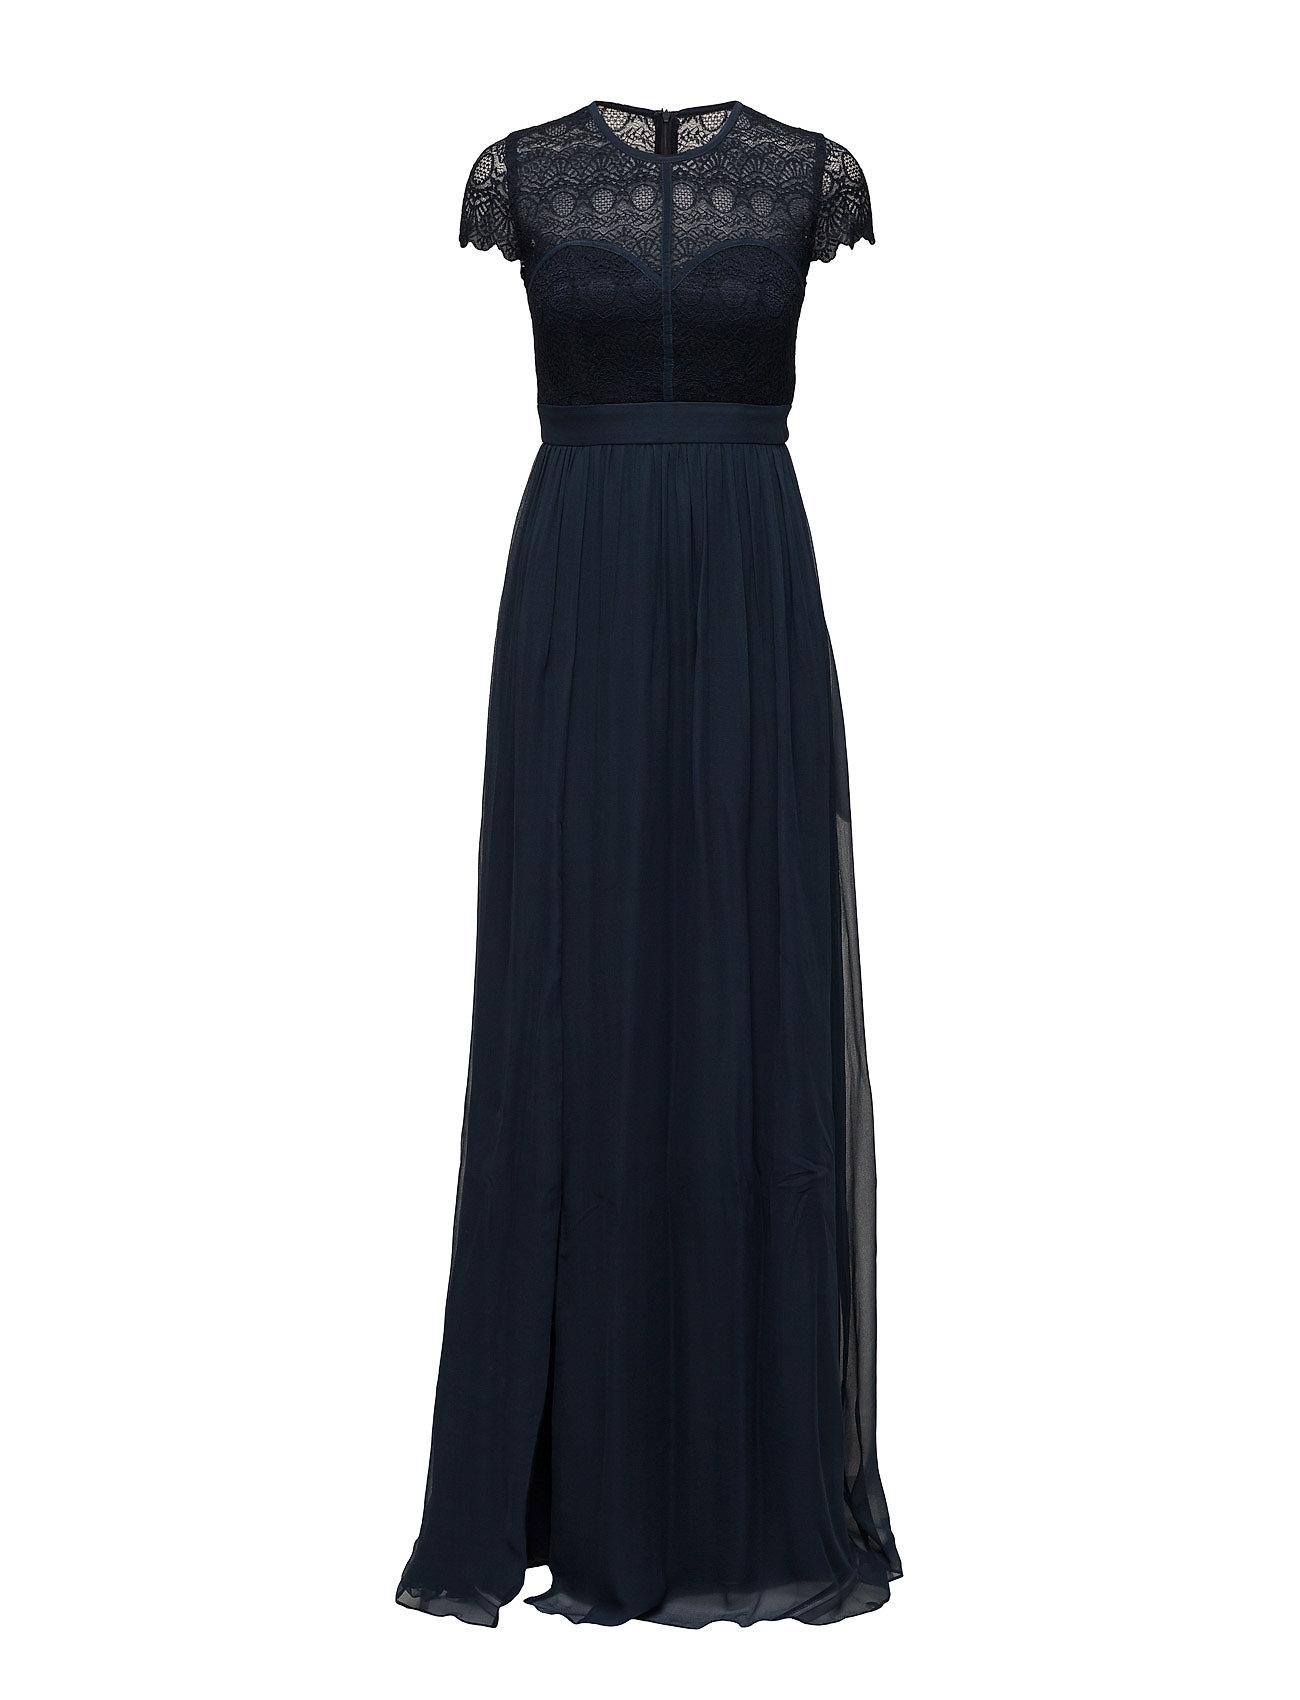 Harper Dress By Malina Kjoler til Kvinder i Nattehimmel